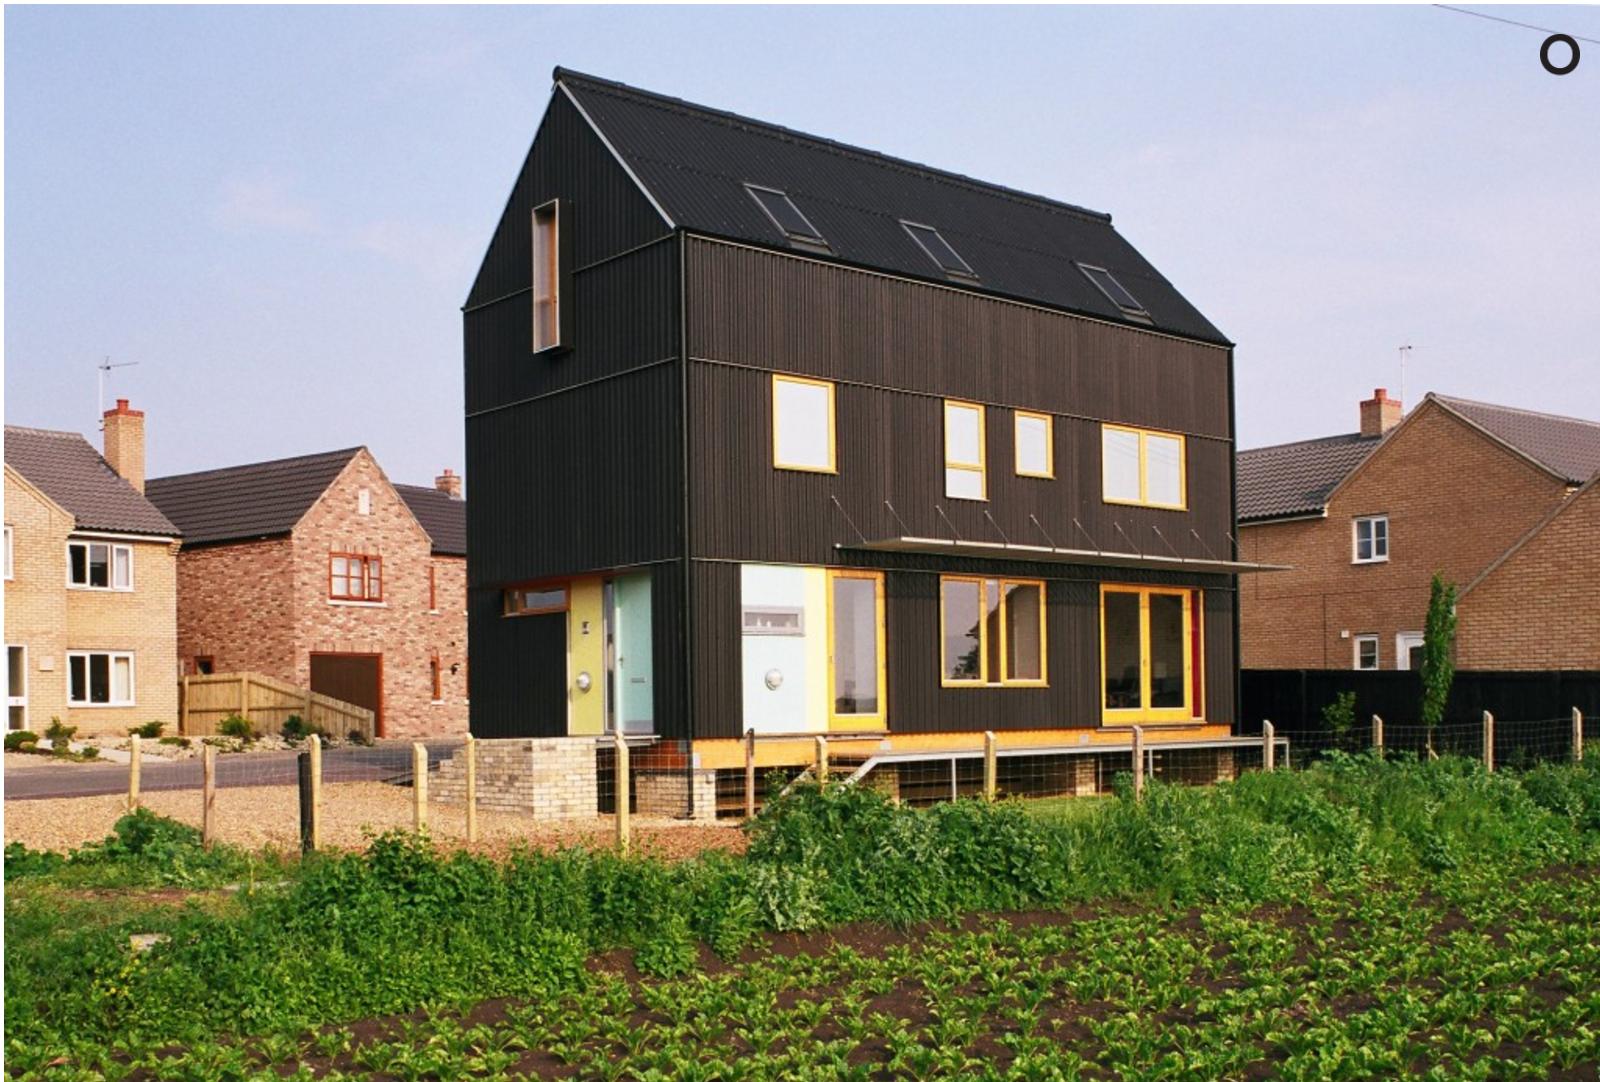 Pin von D Eyde auf exterior space | Pinterest | Moderne häuser und ...